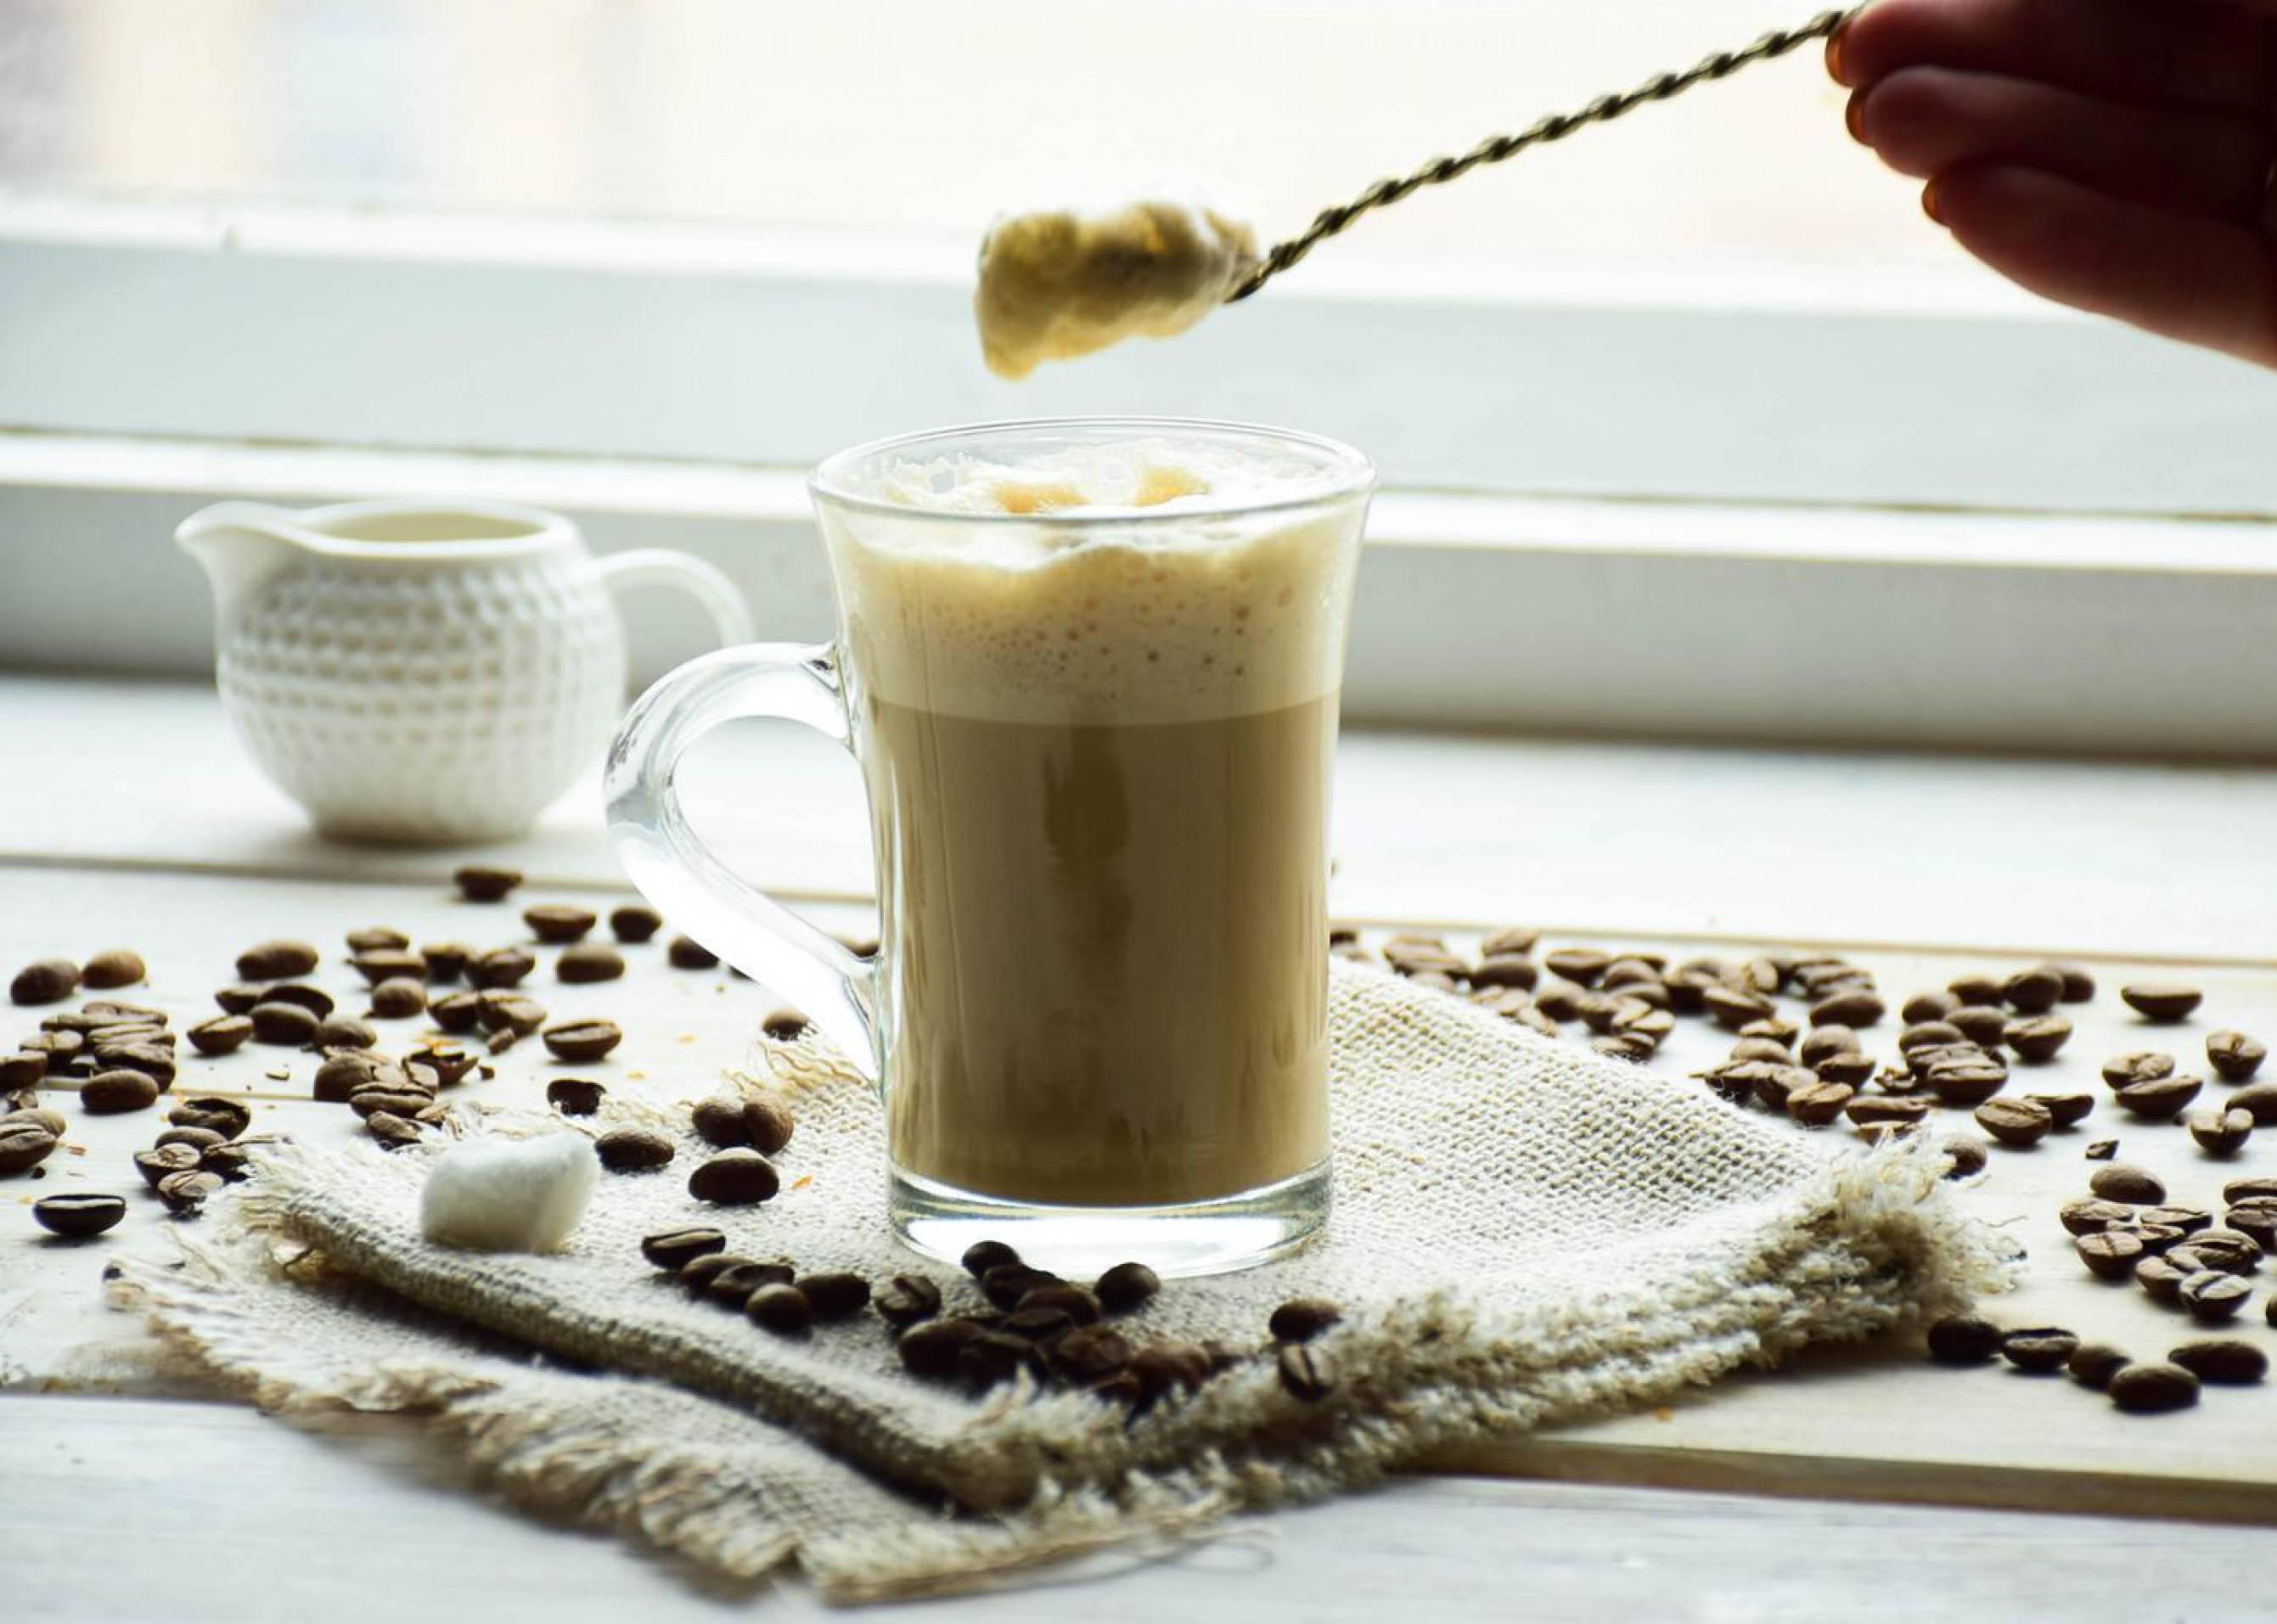 Рецепт раф-кофе в домашних условиях